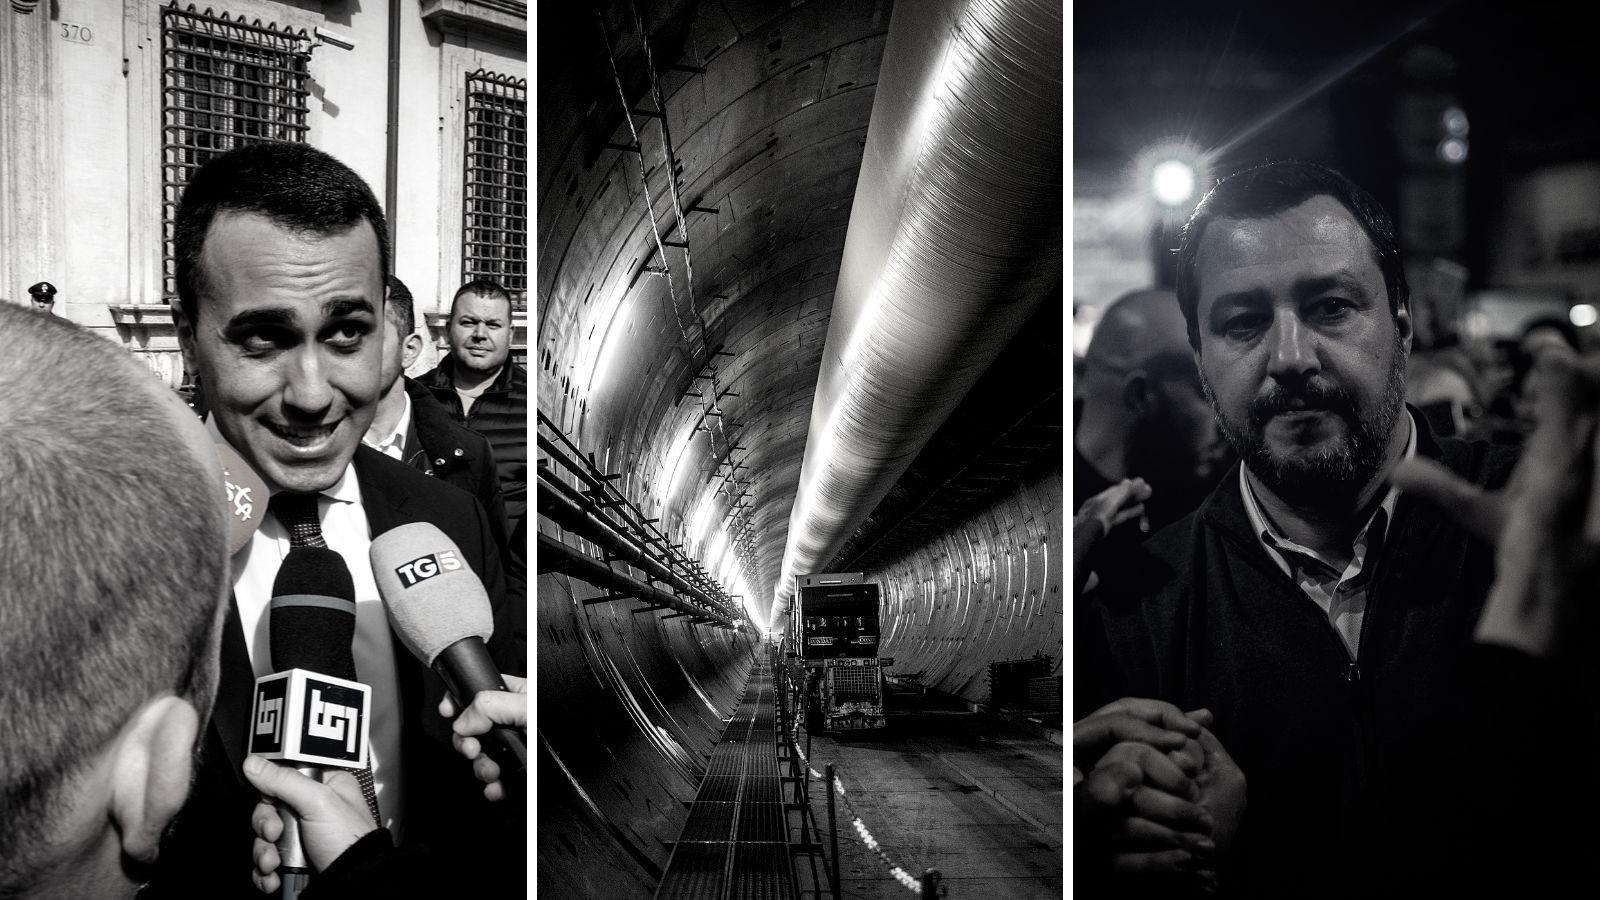 Italien: Kompromiss im Regierungsstreit über Zugstrecke